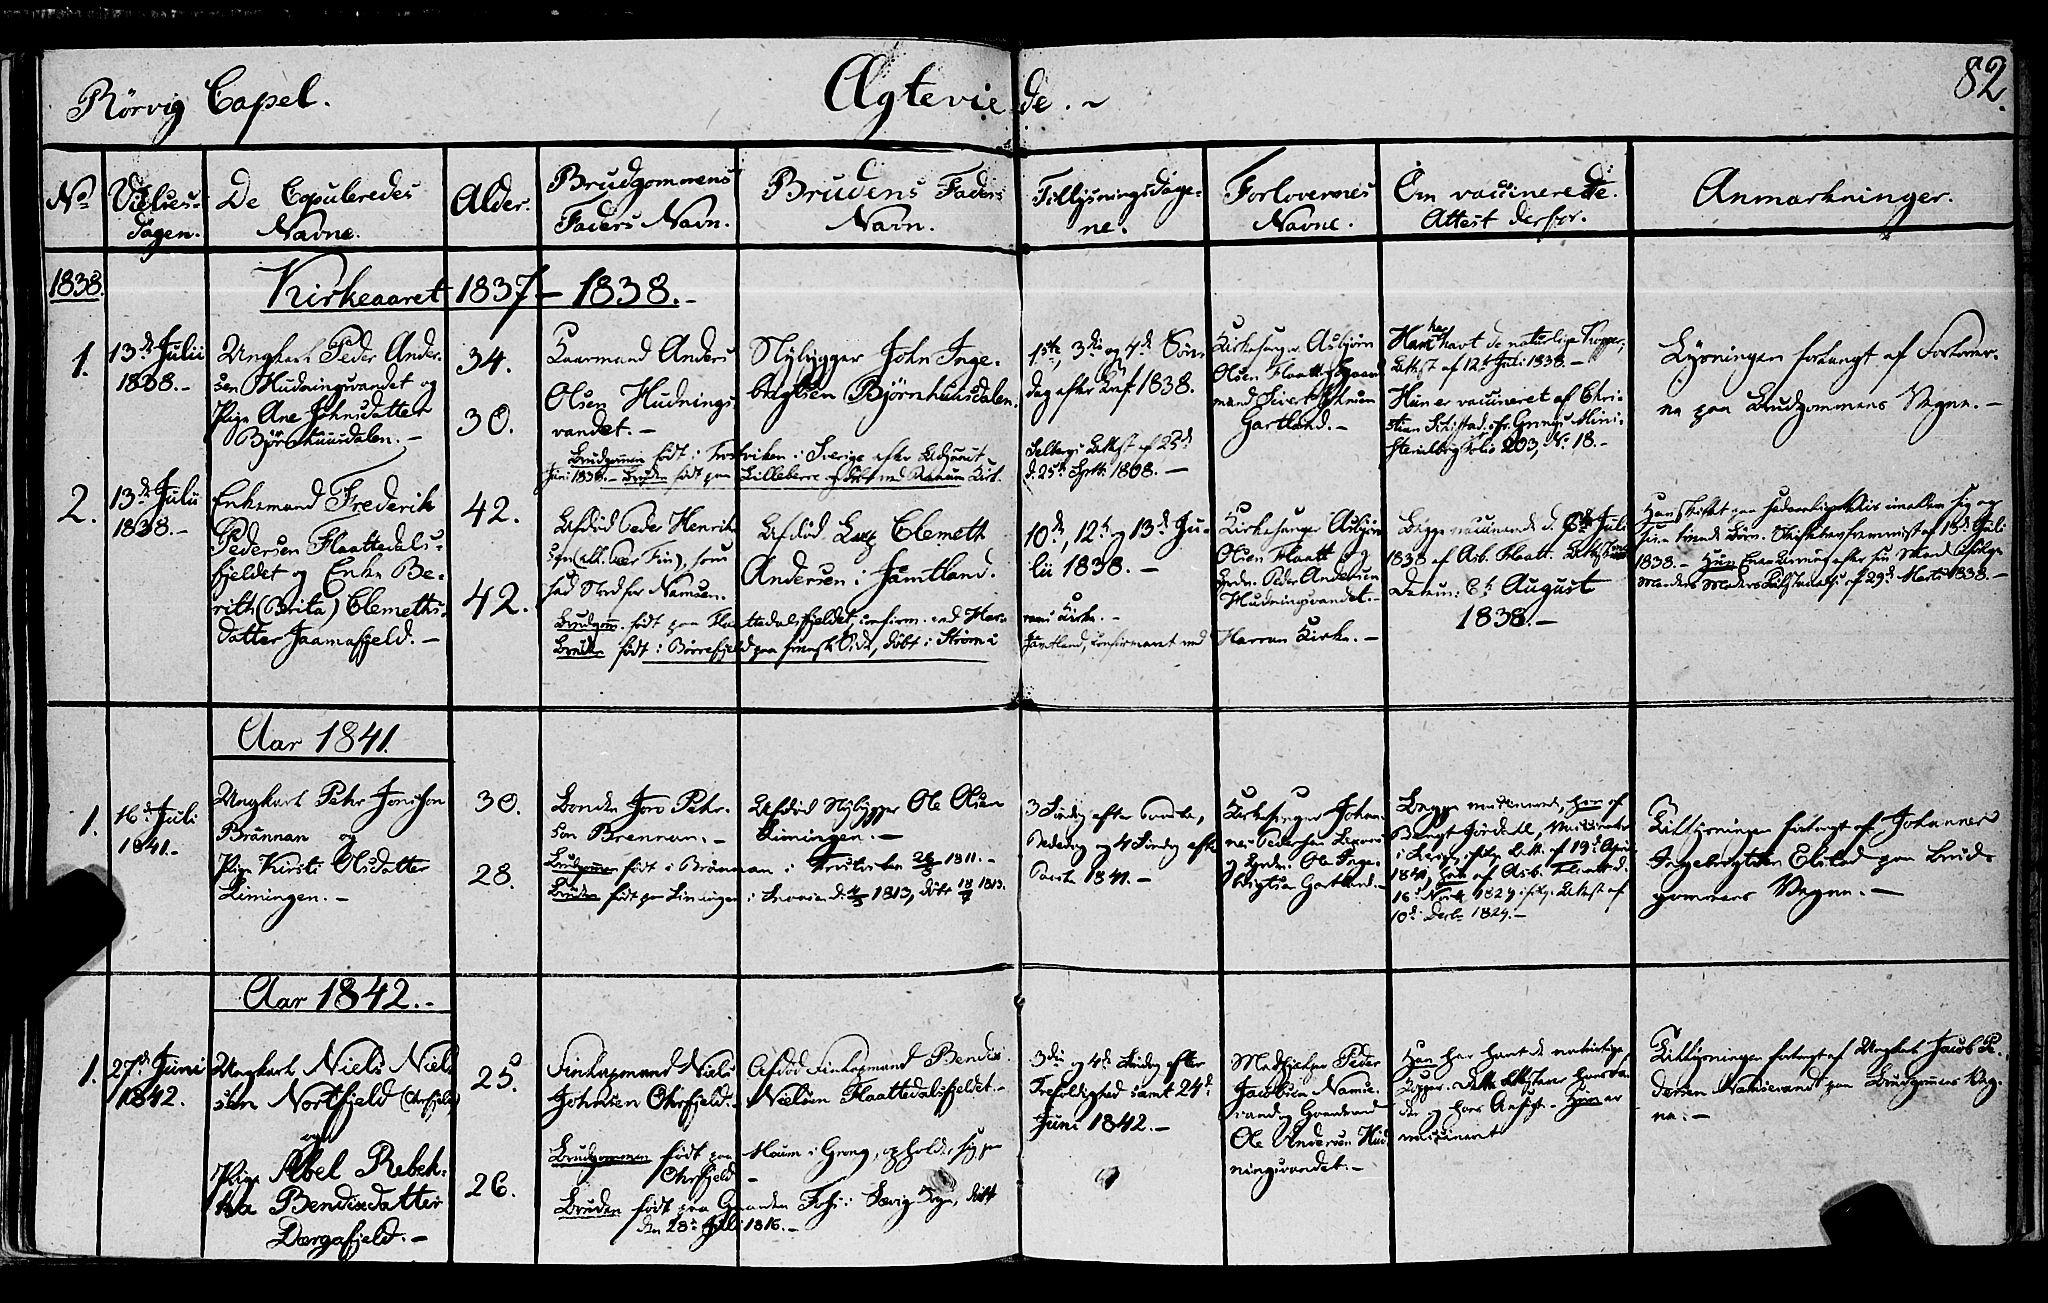 SAT, Ministerialprotokoller, klokkerbøker og fødselsregistre - Nord-Trøndelag, 762/L0538: Ministerialbok nr. 762A02 /1, 1833-1879, s. 82